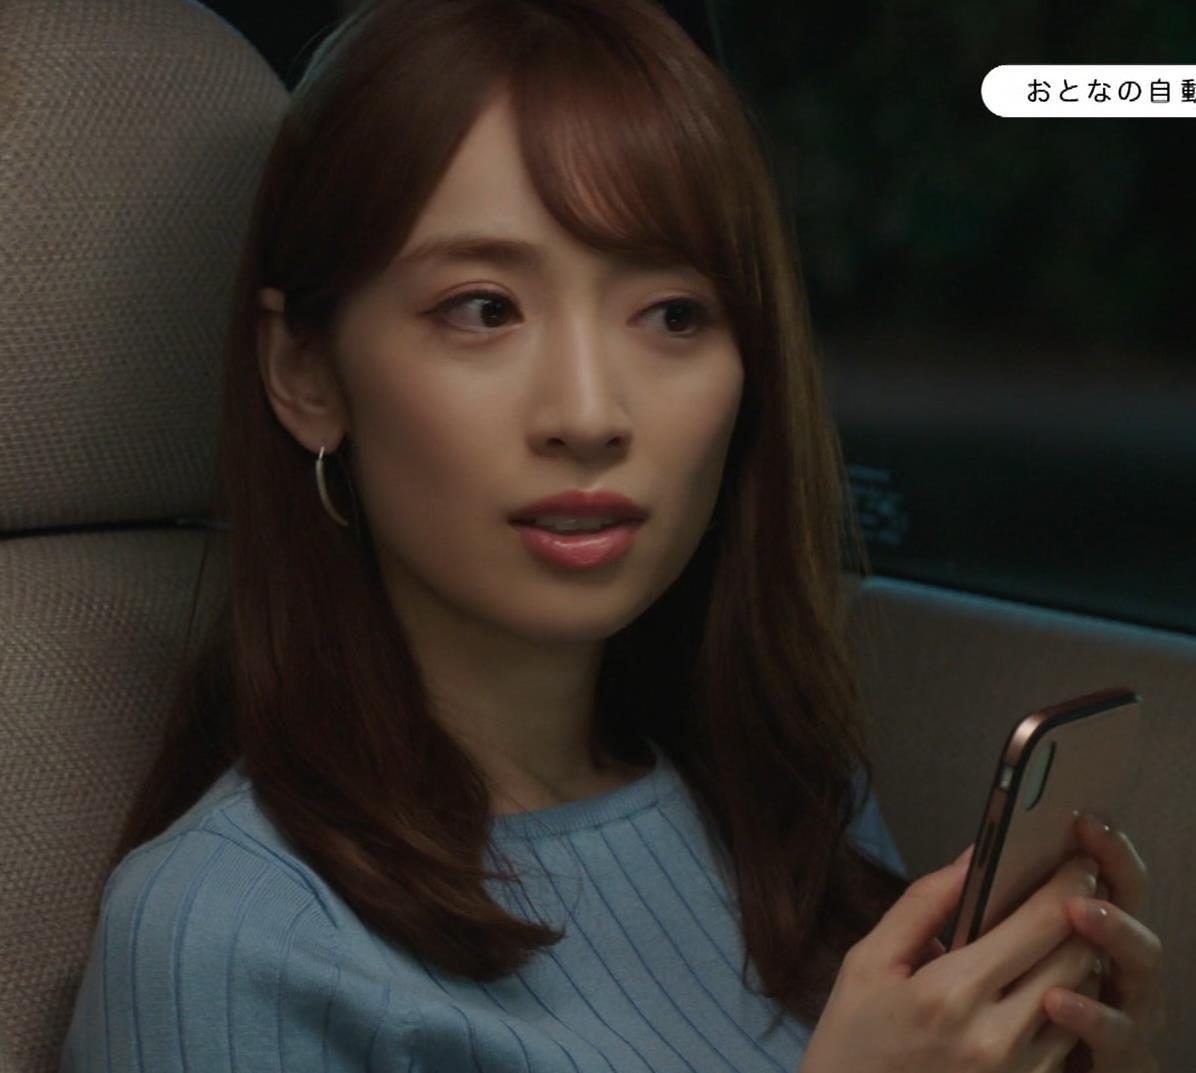 泉里香 保険CMのニットおっぱいエロ過ぎキャプ・エロ画像4